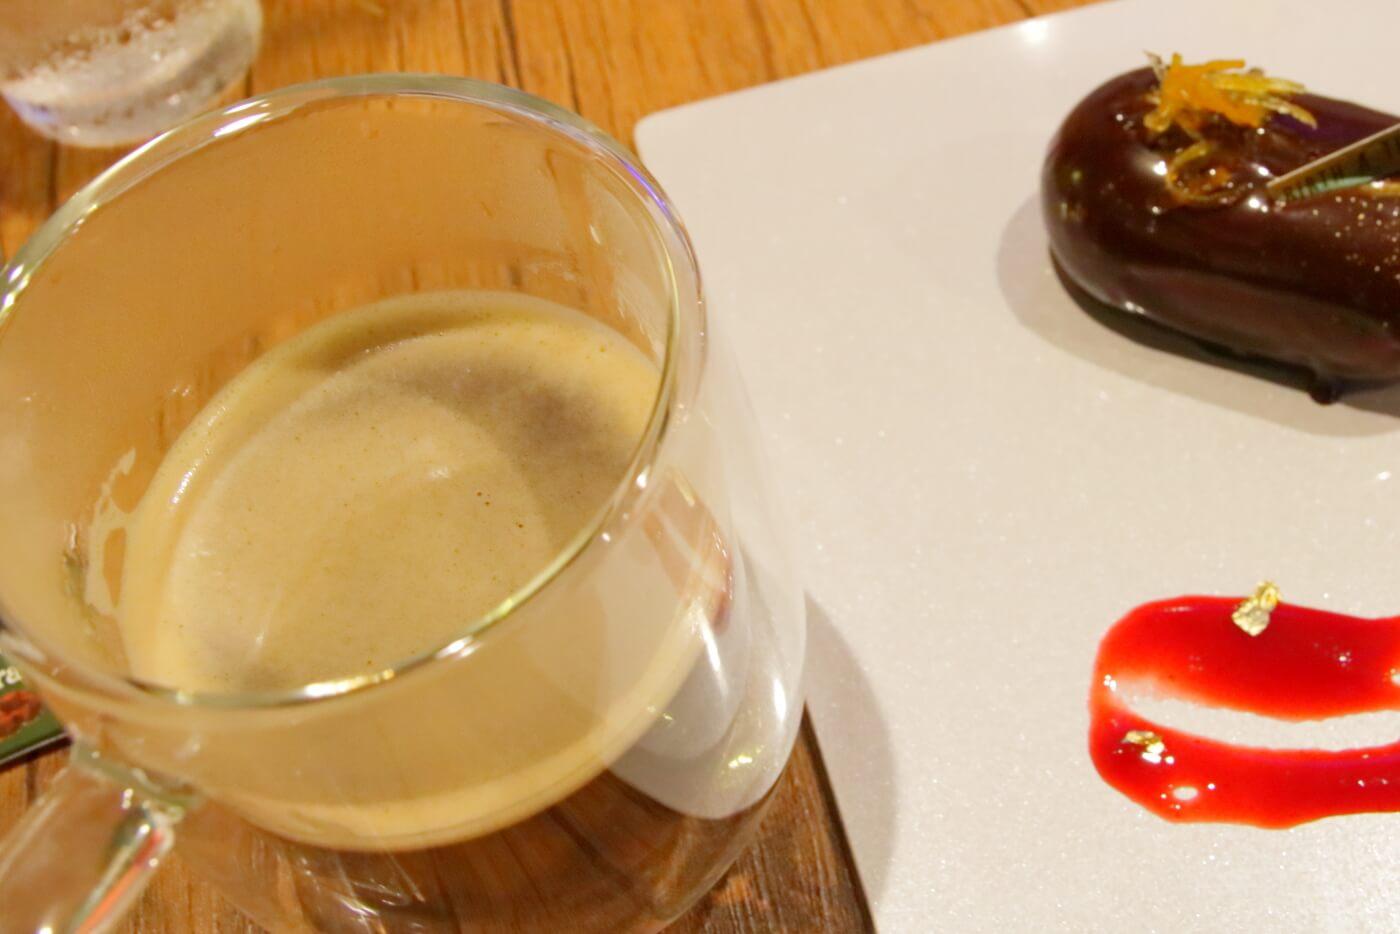 バースアトリッグカフェのミラーケーキ